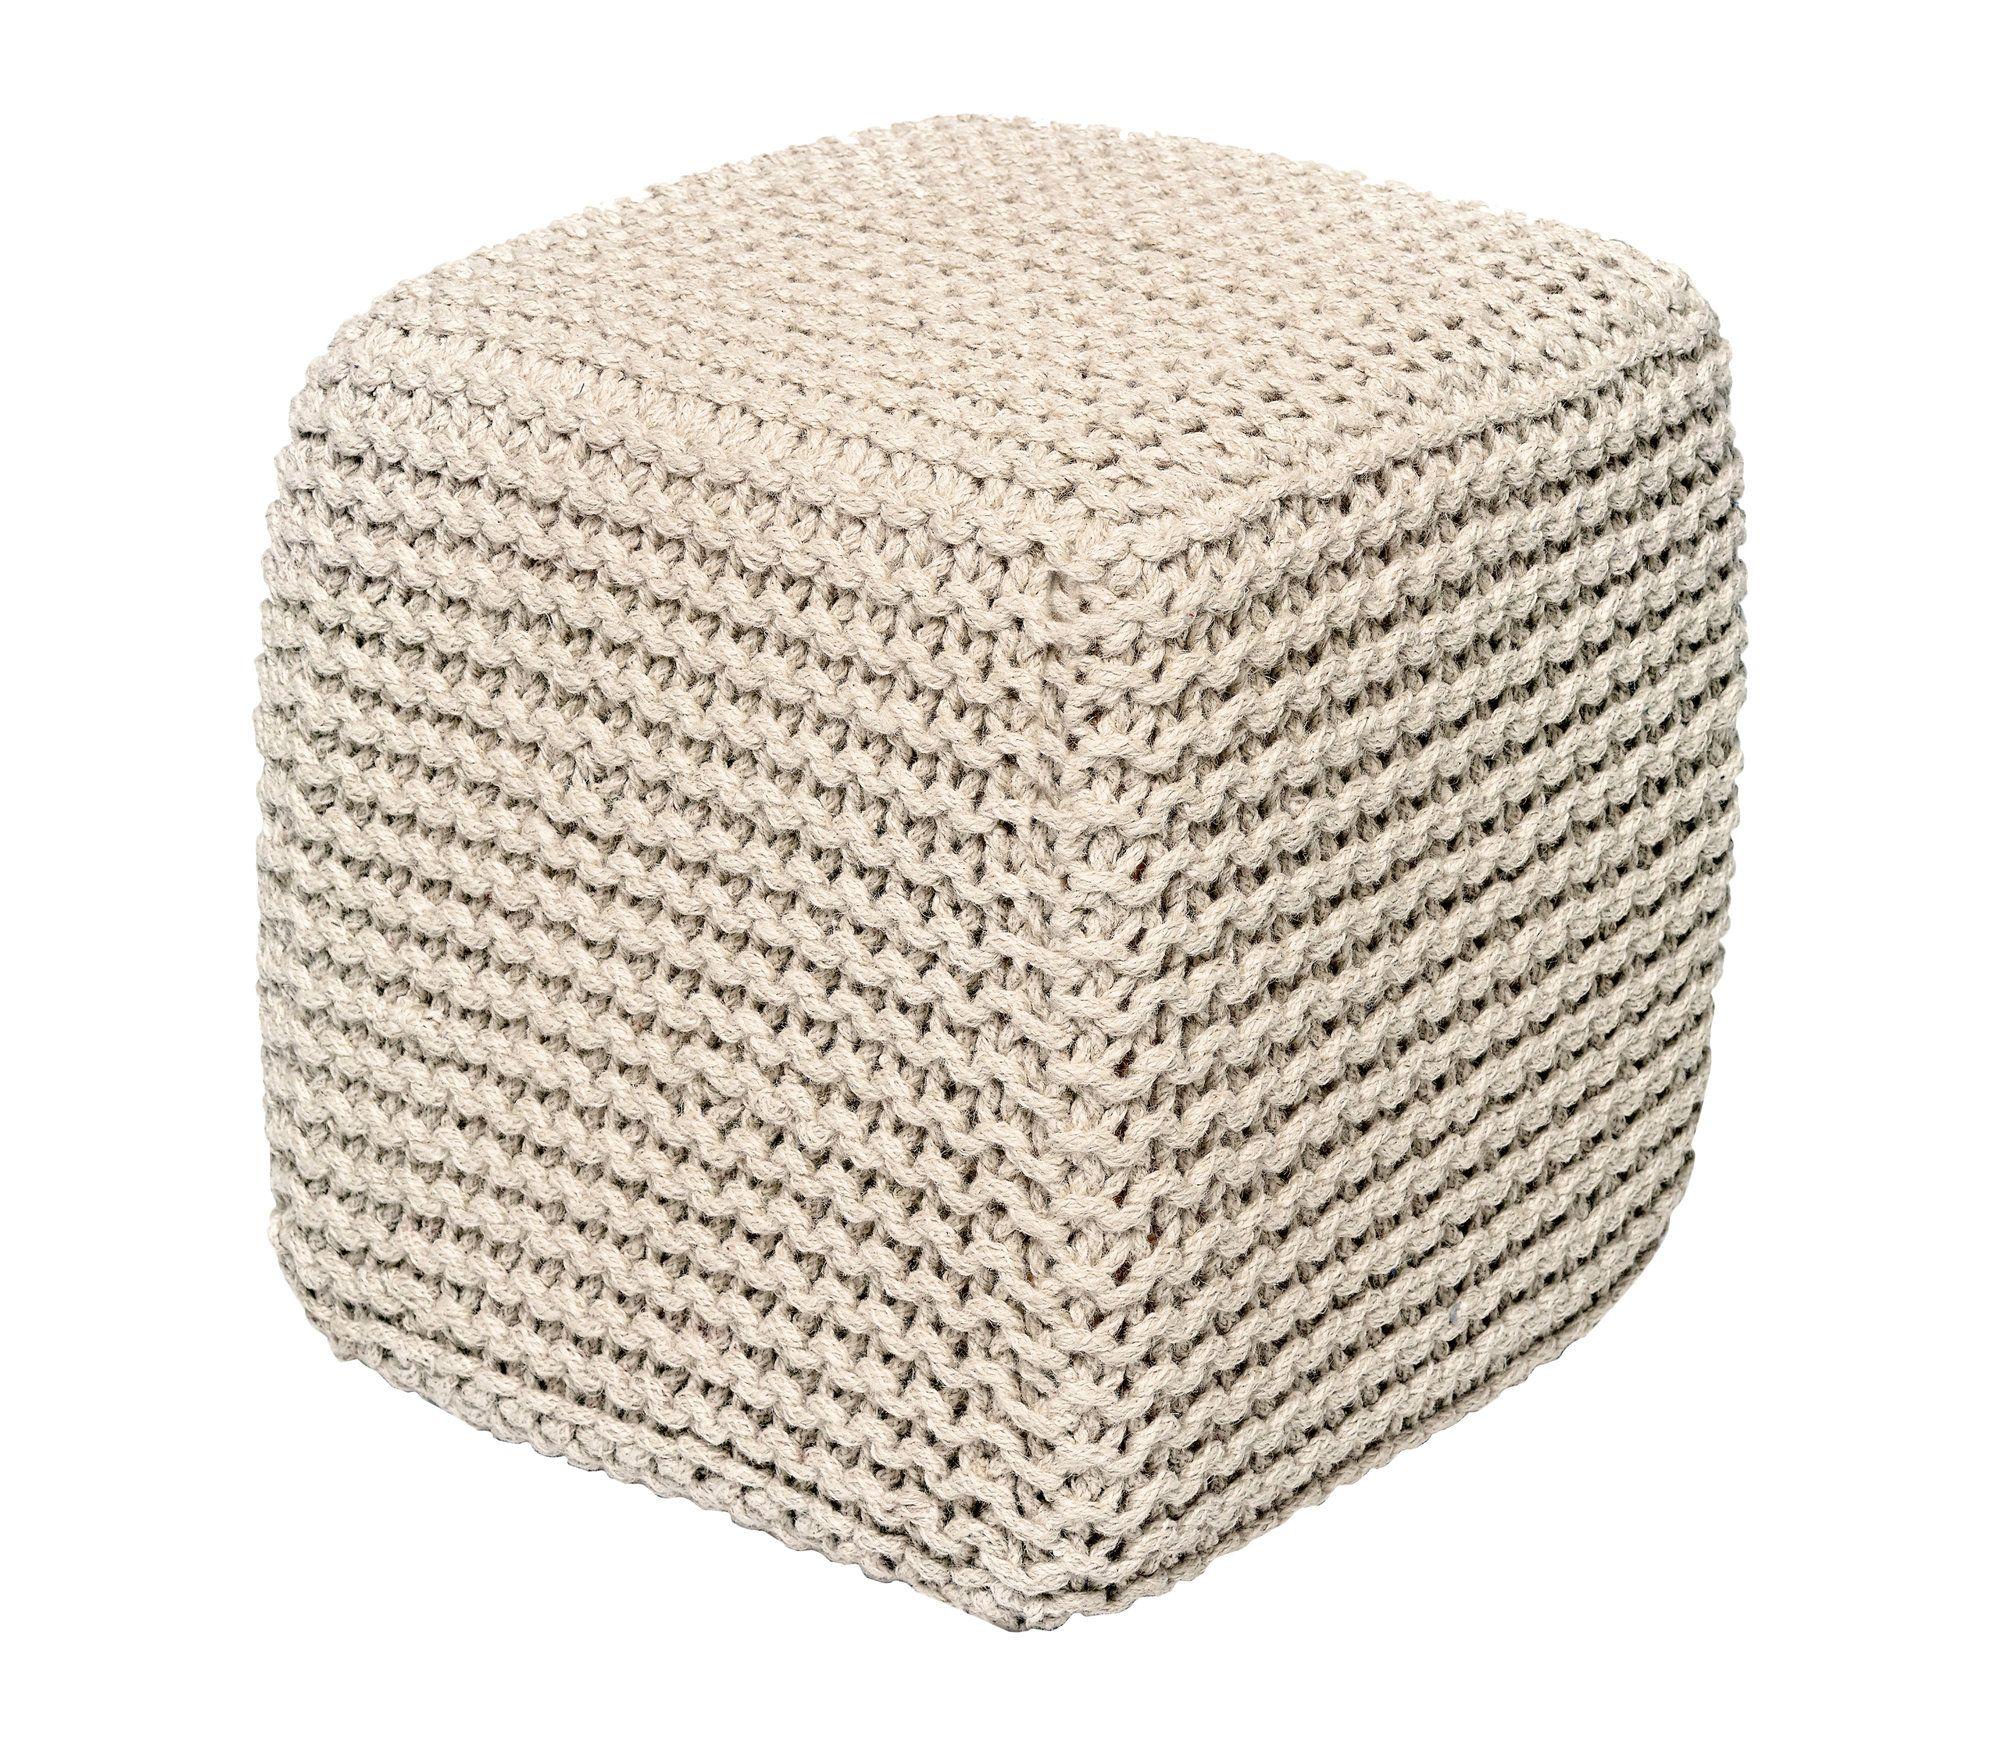 Laflin Corded Jute Cube Pouf Ottoman | Products | Pinterest